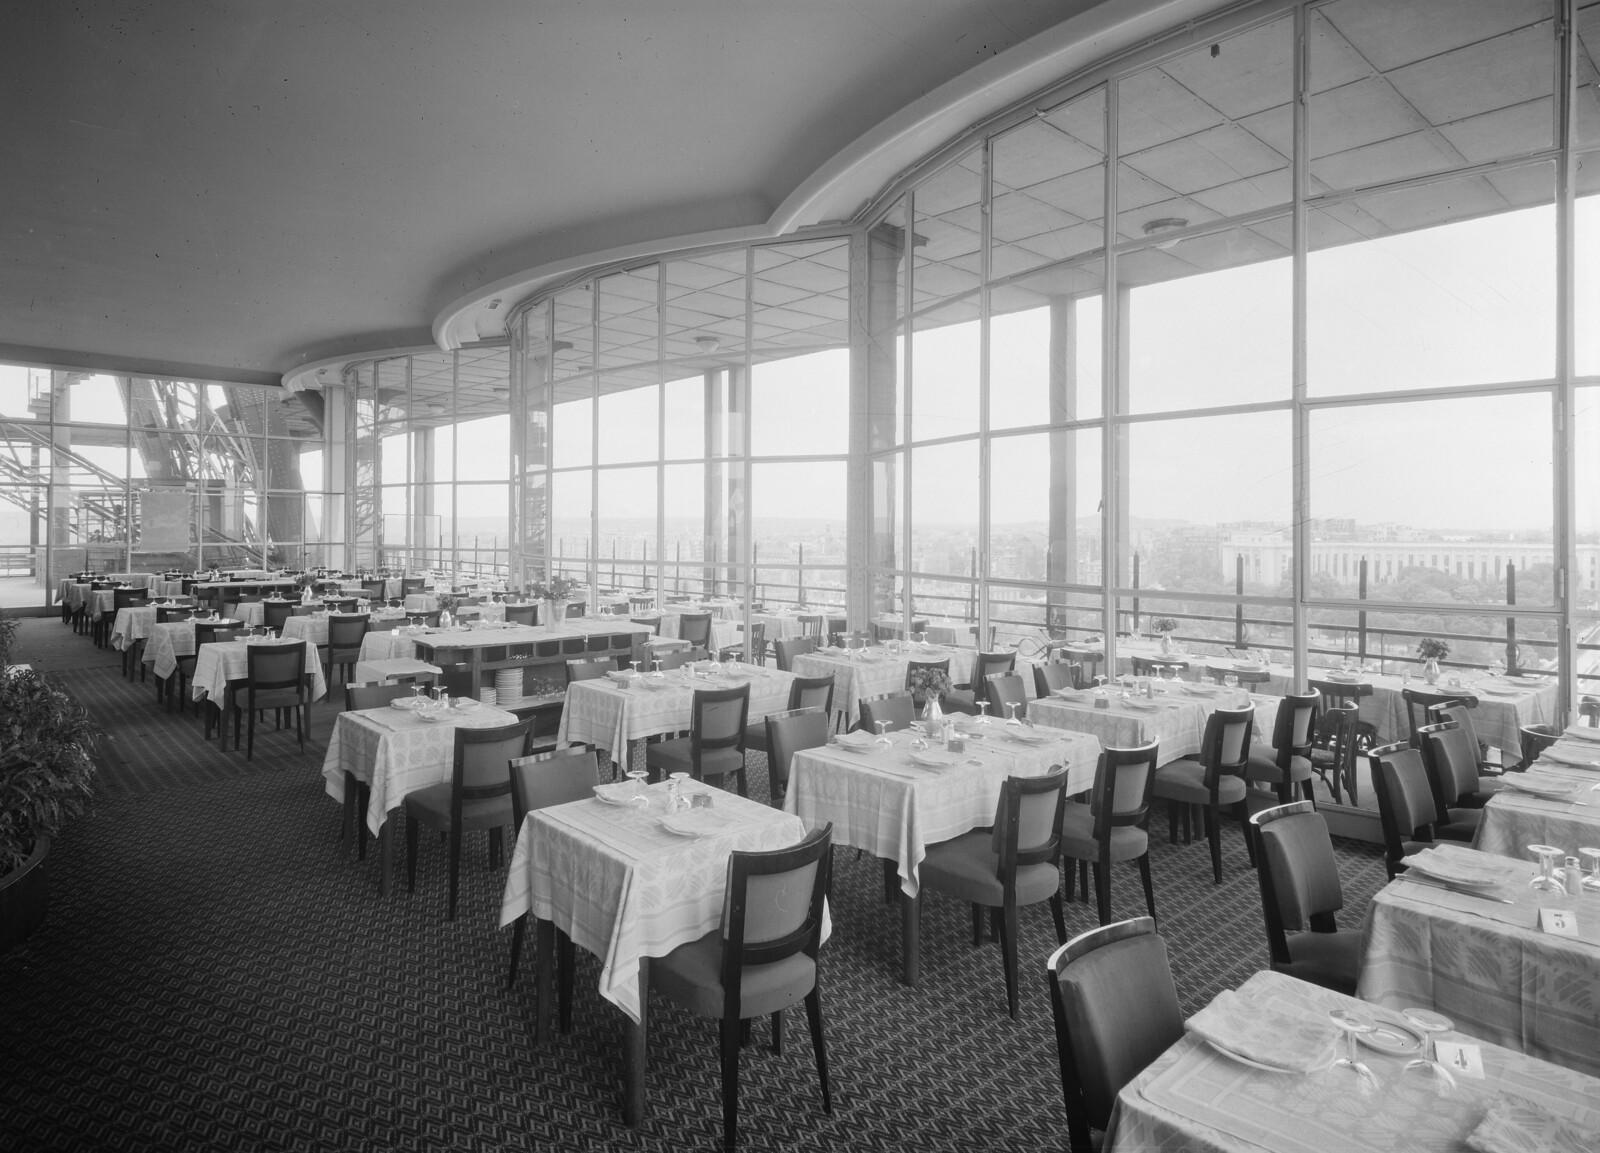 08. Эйфелева башня. Ресторанный зал на втором этаже. 7 округ